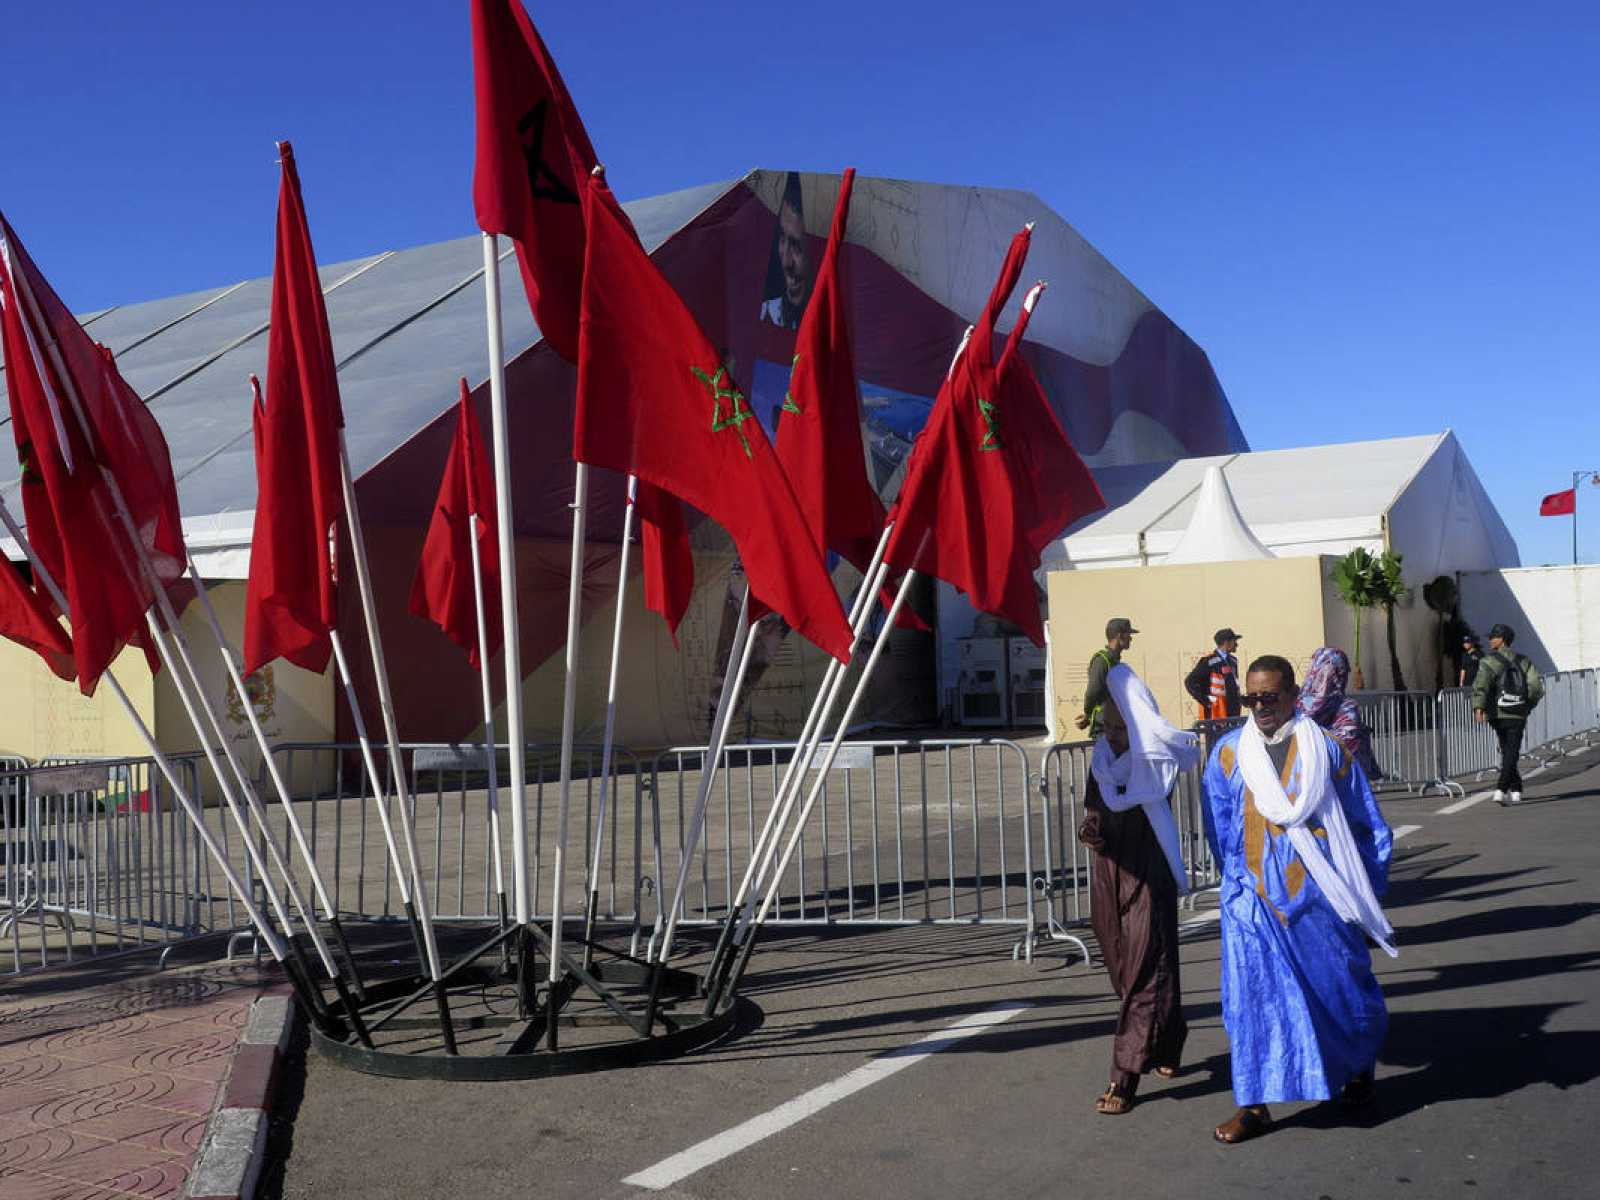 Los derechos humanos se han convertido en los últimos años en uno de los grandes caballos de batalla del independentismo saharaui.